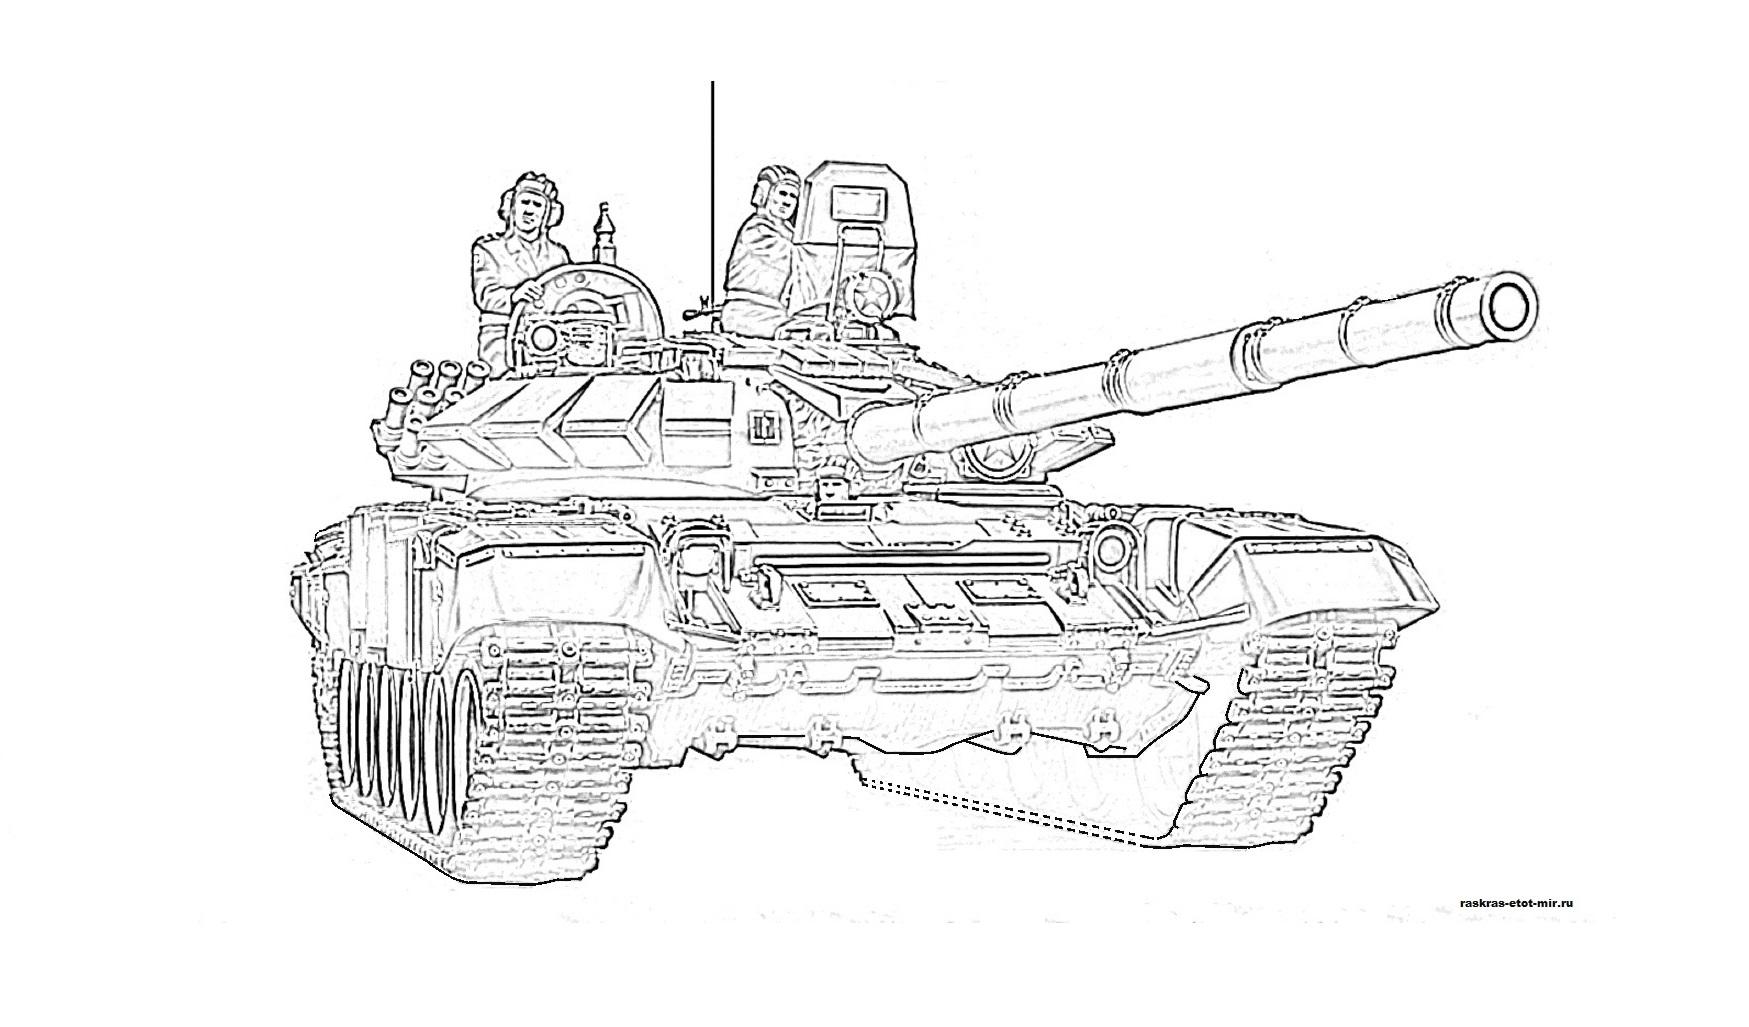 Военные раскраски для детей - Раскрась этот мир!